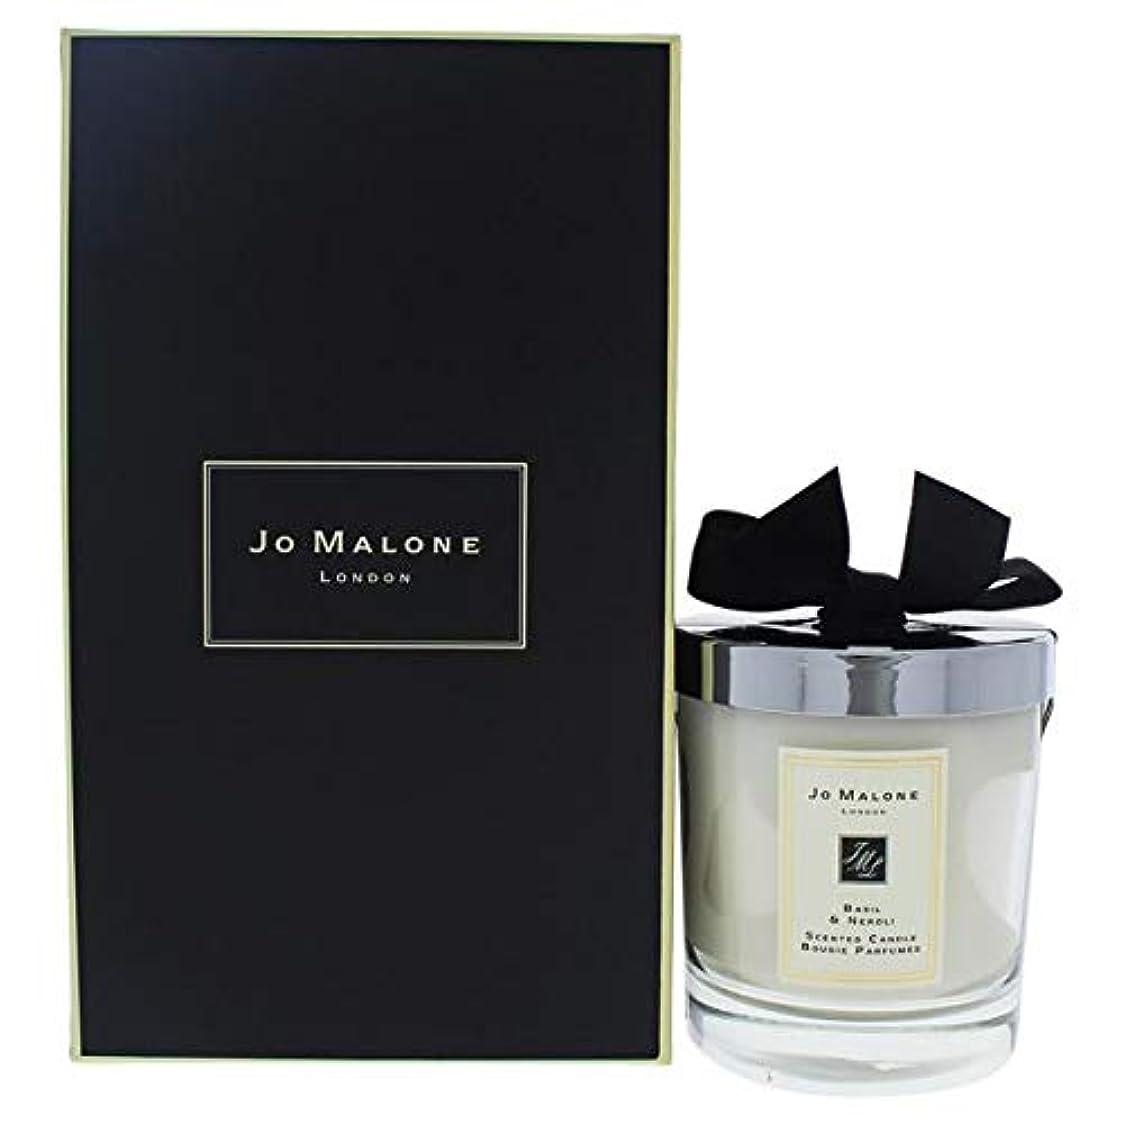 特権破壊的な机Jo Malone Basil &ネロリScented Candle 200 g ( 2.5インチ)